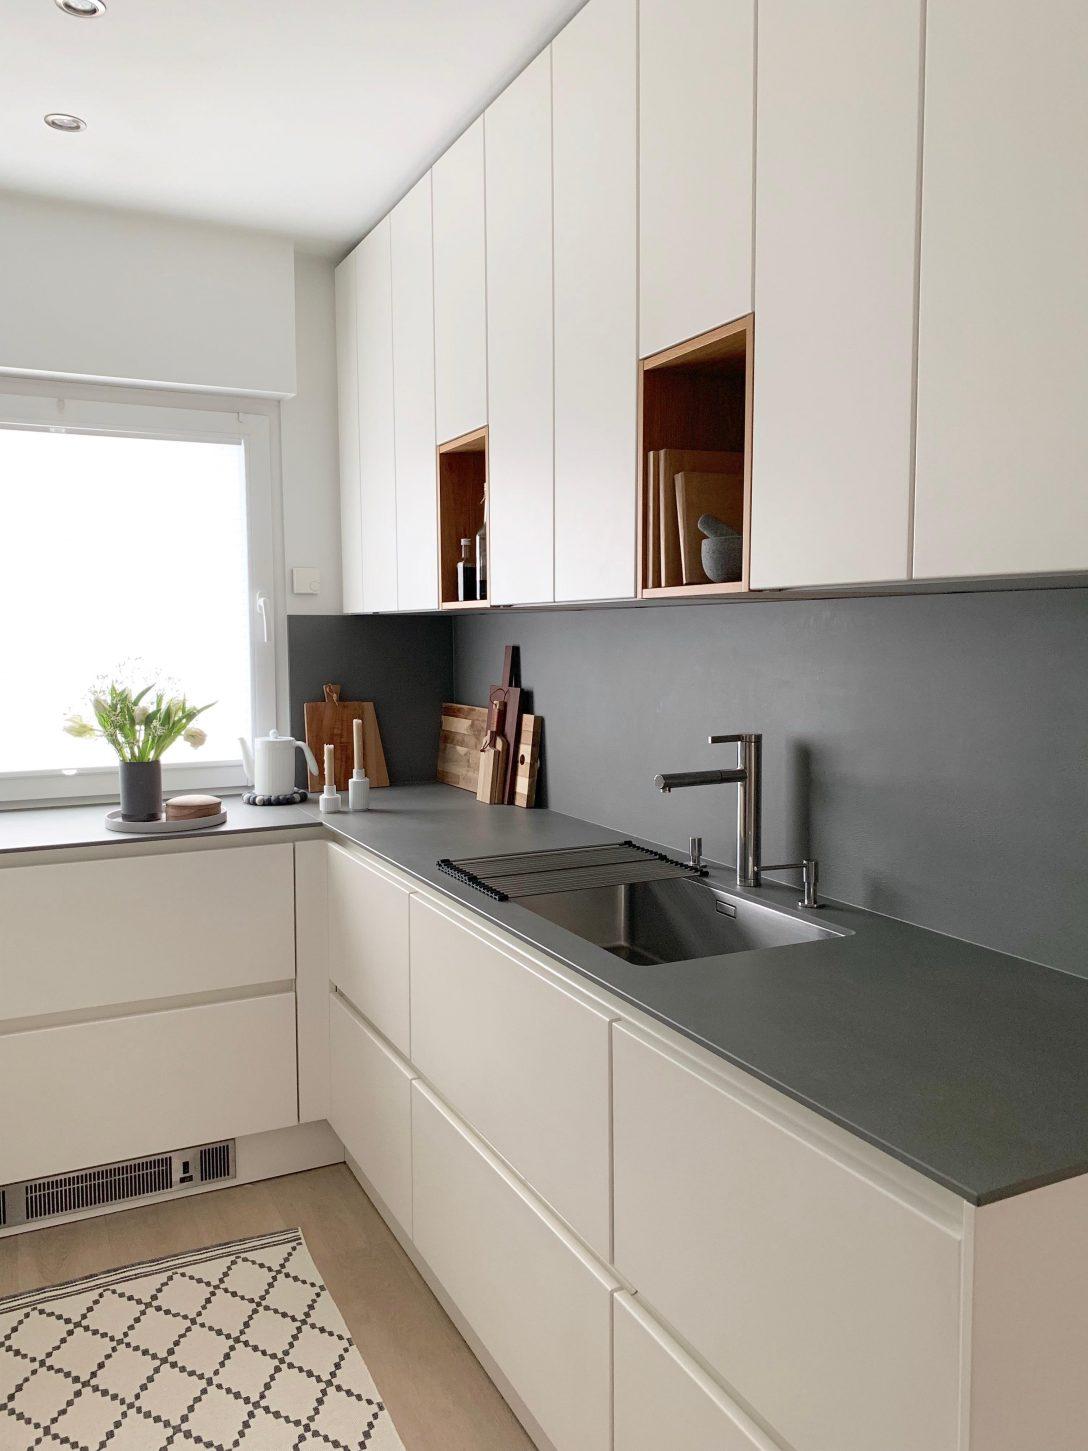 Large Size of Minecraft Küche Einrichten Küche Einrichten Dachschräge Koschere Küche Einrichten Küche Einrichten Bilder Küche Küche Einrichten